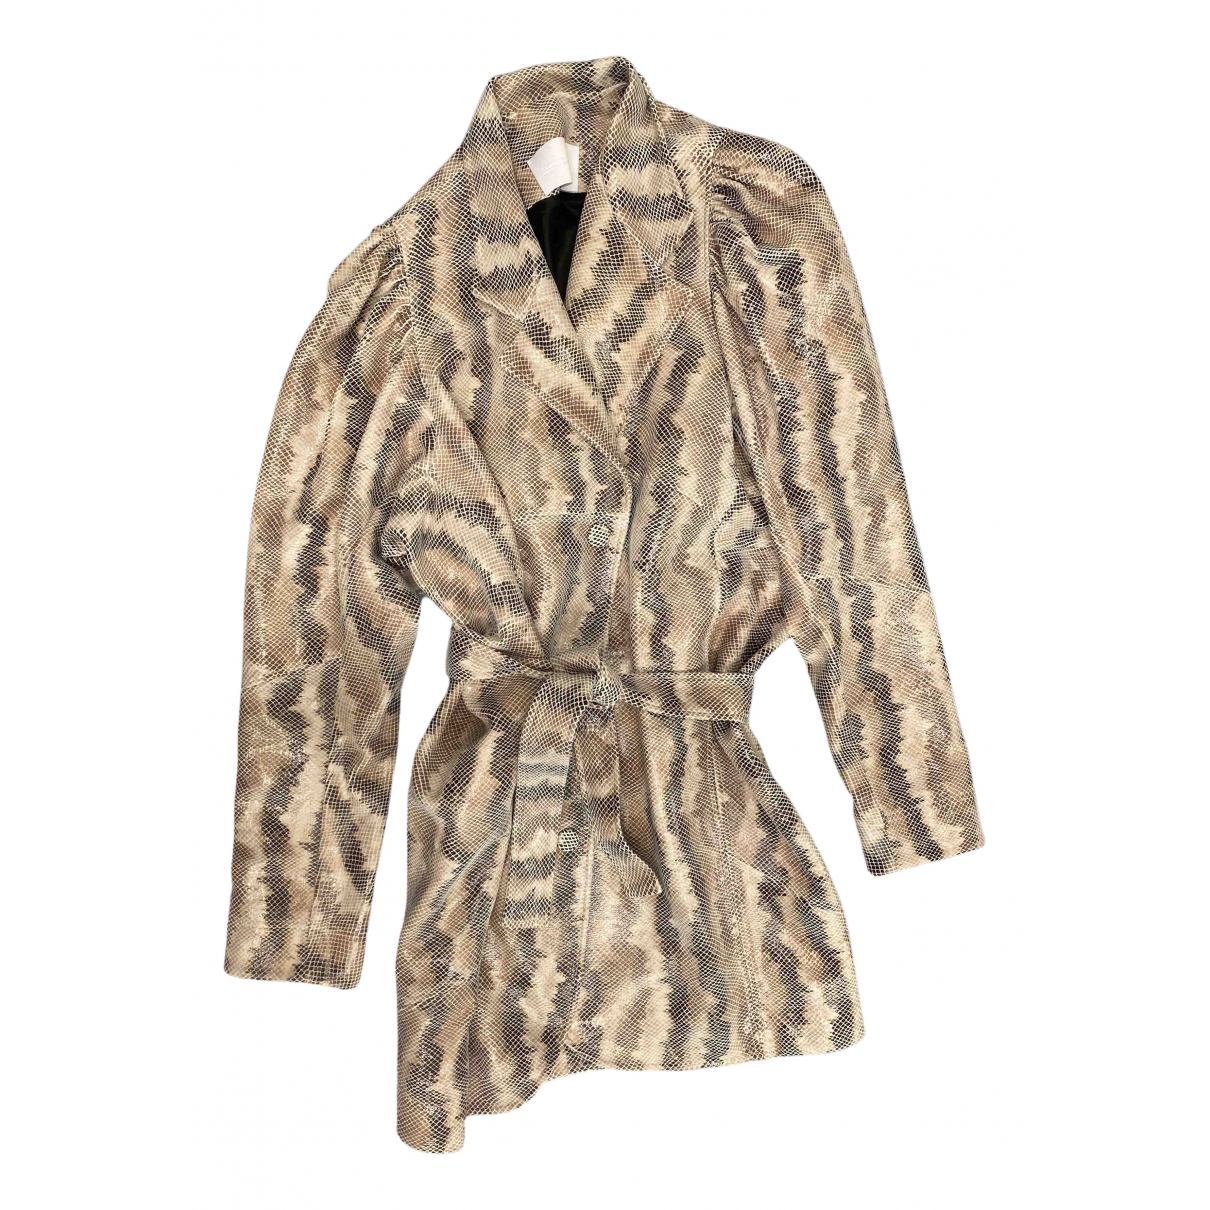 Vestido midi Oversize de Cuero Non Signe / Unsigned